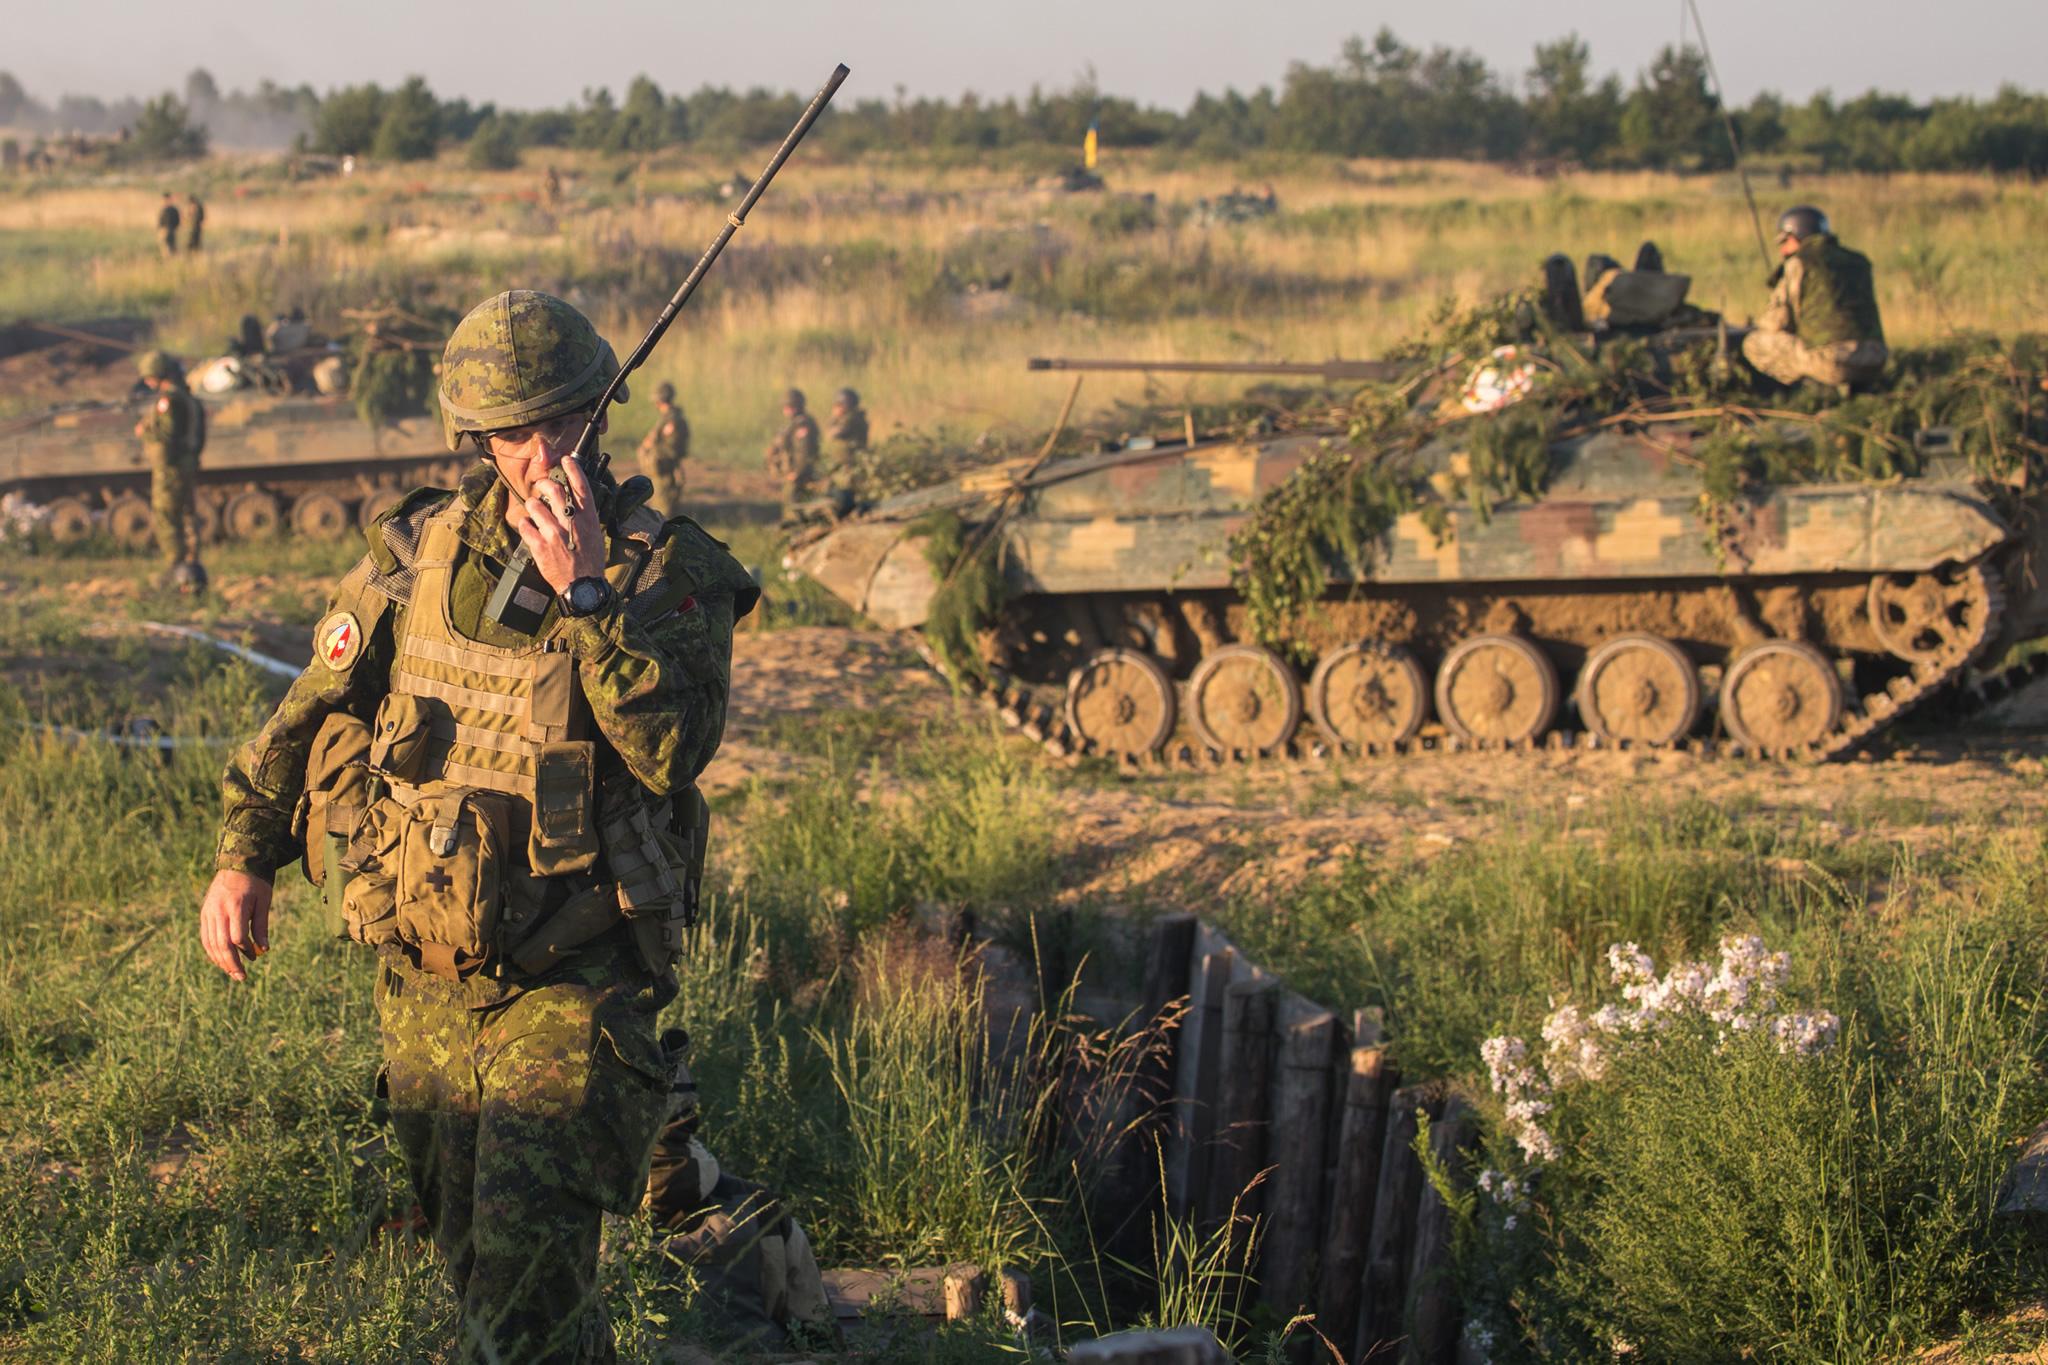 Colaborarea militară dintre Ucraina și statele membre NATO primește un nou imbold legislativ în Rada de la Kiev